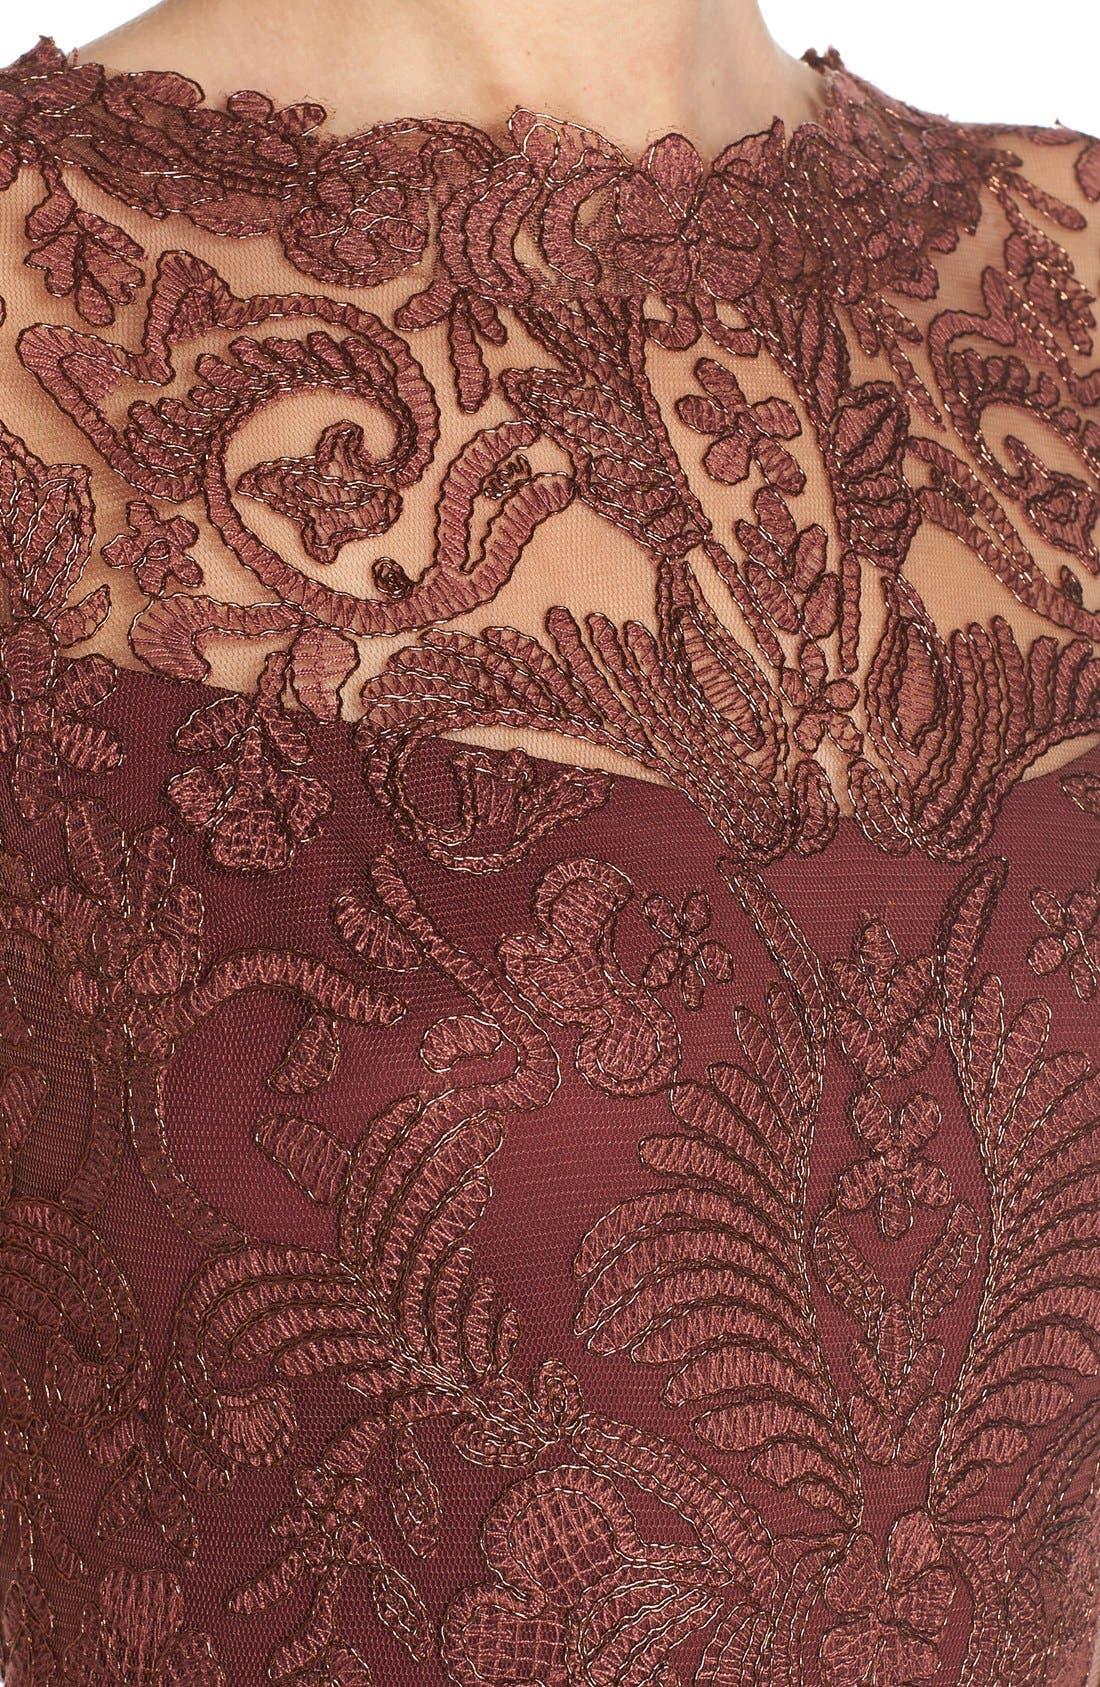 Illusion Yoke Lace Sheath Dress,                             Alternate thumbnail 29, color,